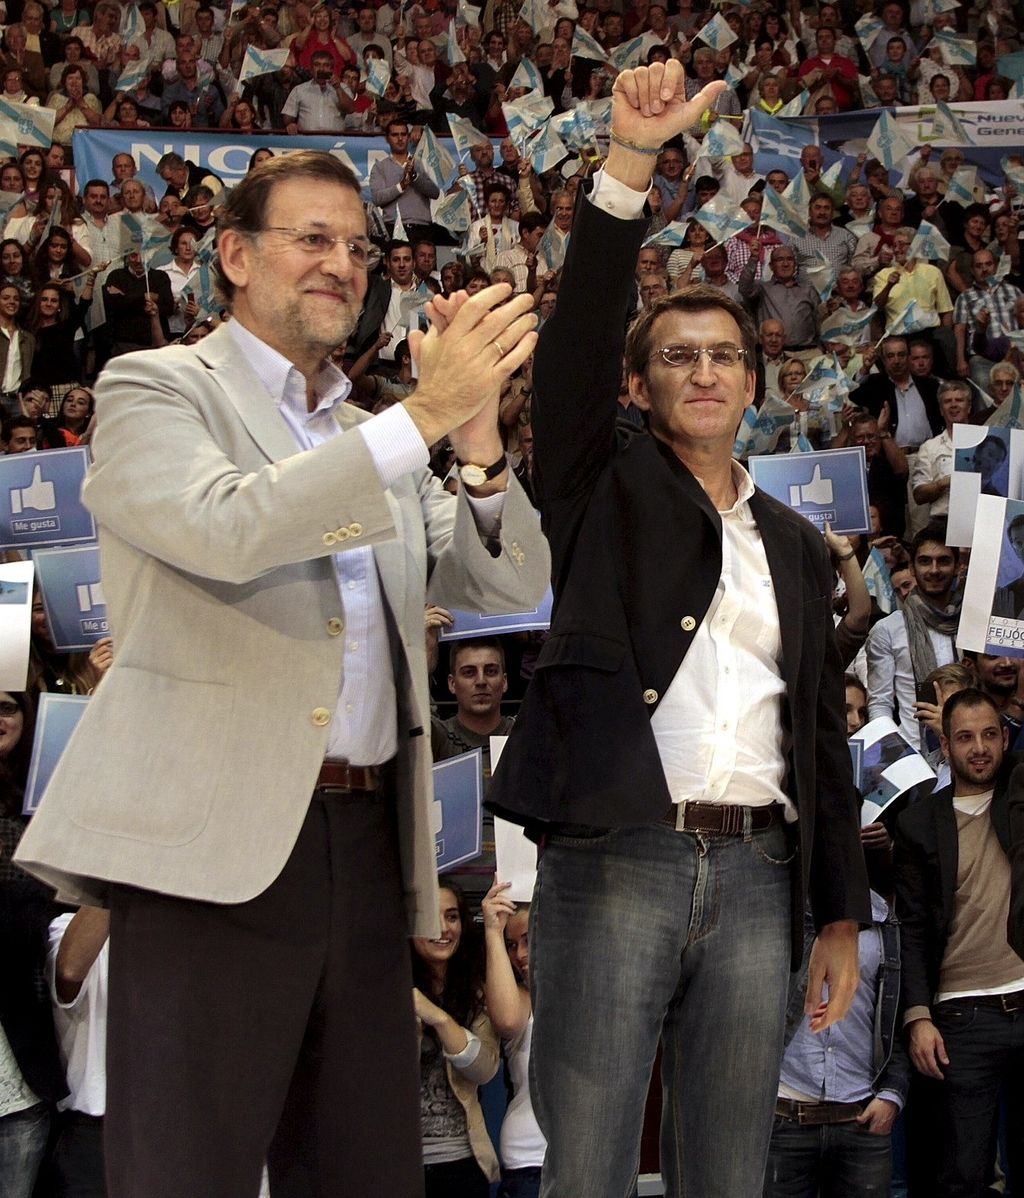 Mariano Rajoy y Núñez Feijóo, de campaña en Galicia